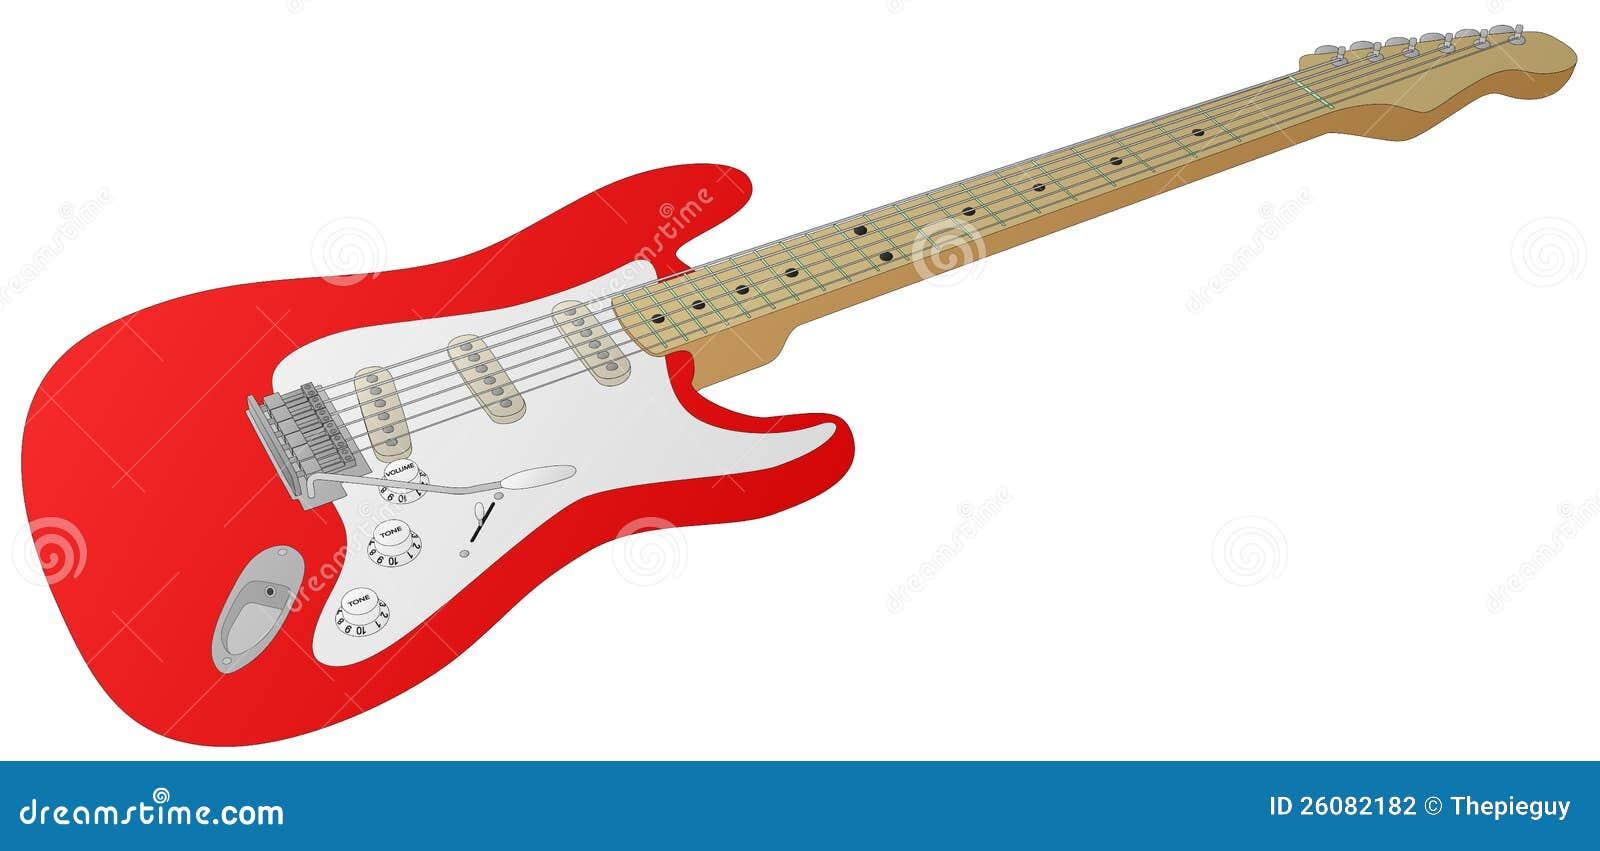 guitare lectrique rouge illustration de vecteur image du bleus 26082182. Black Bedroom Furniture Sets. Home Design Ideas